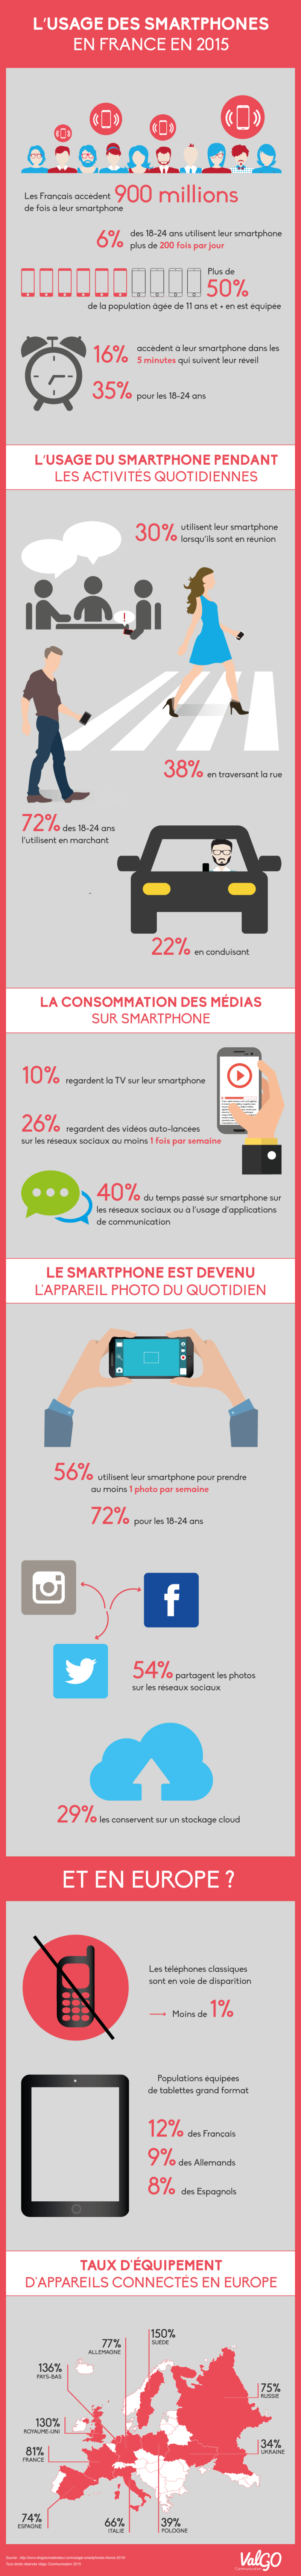 Usage-smartphones-France-2015